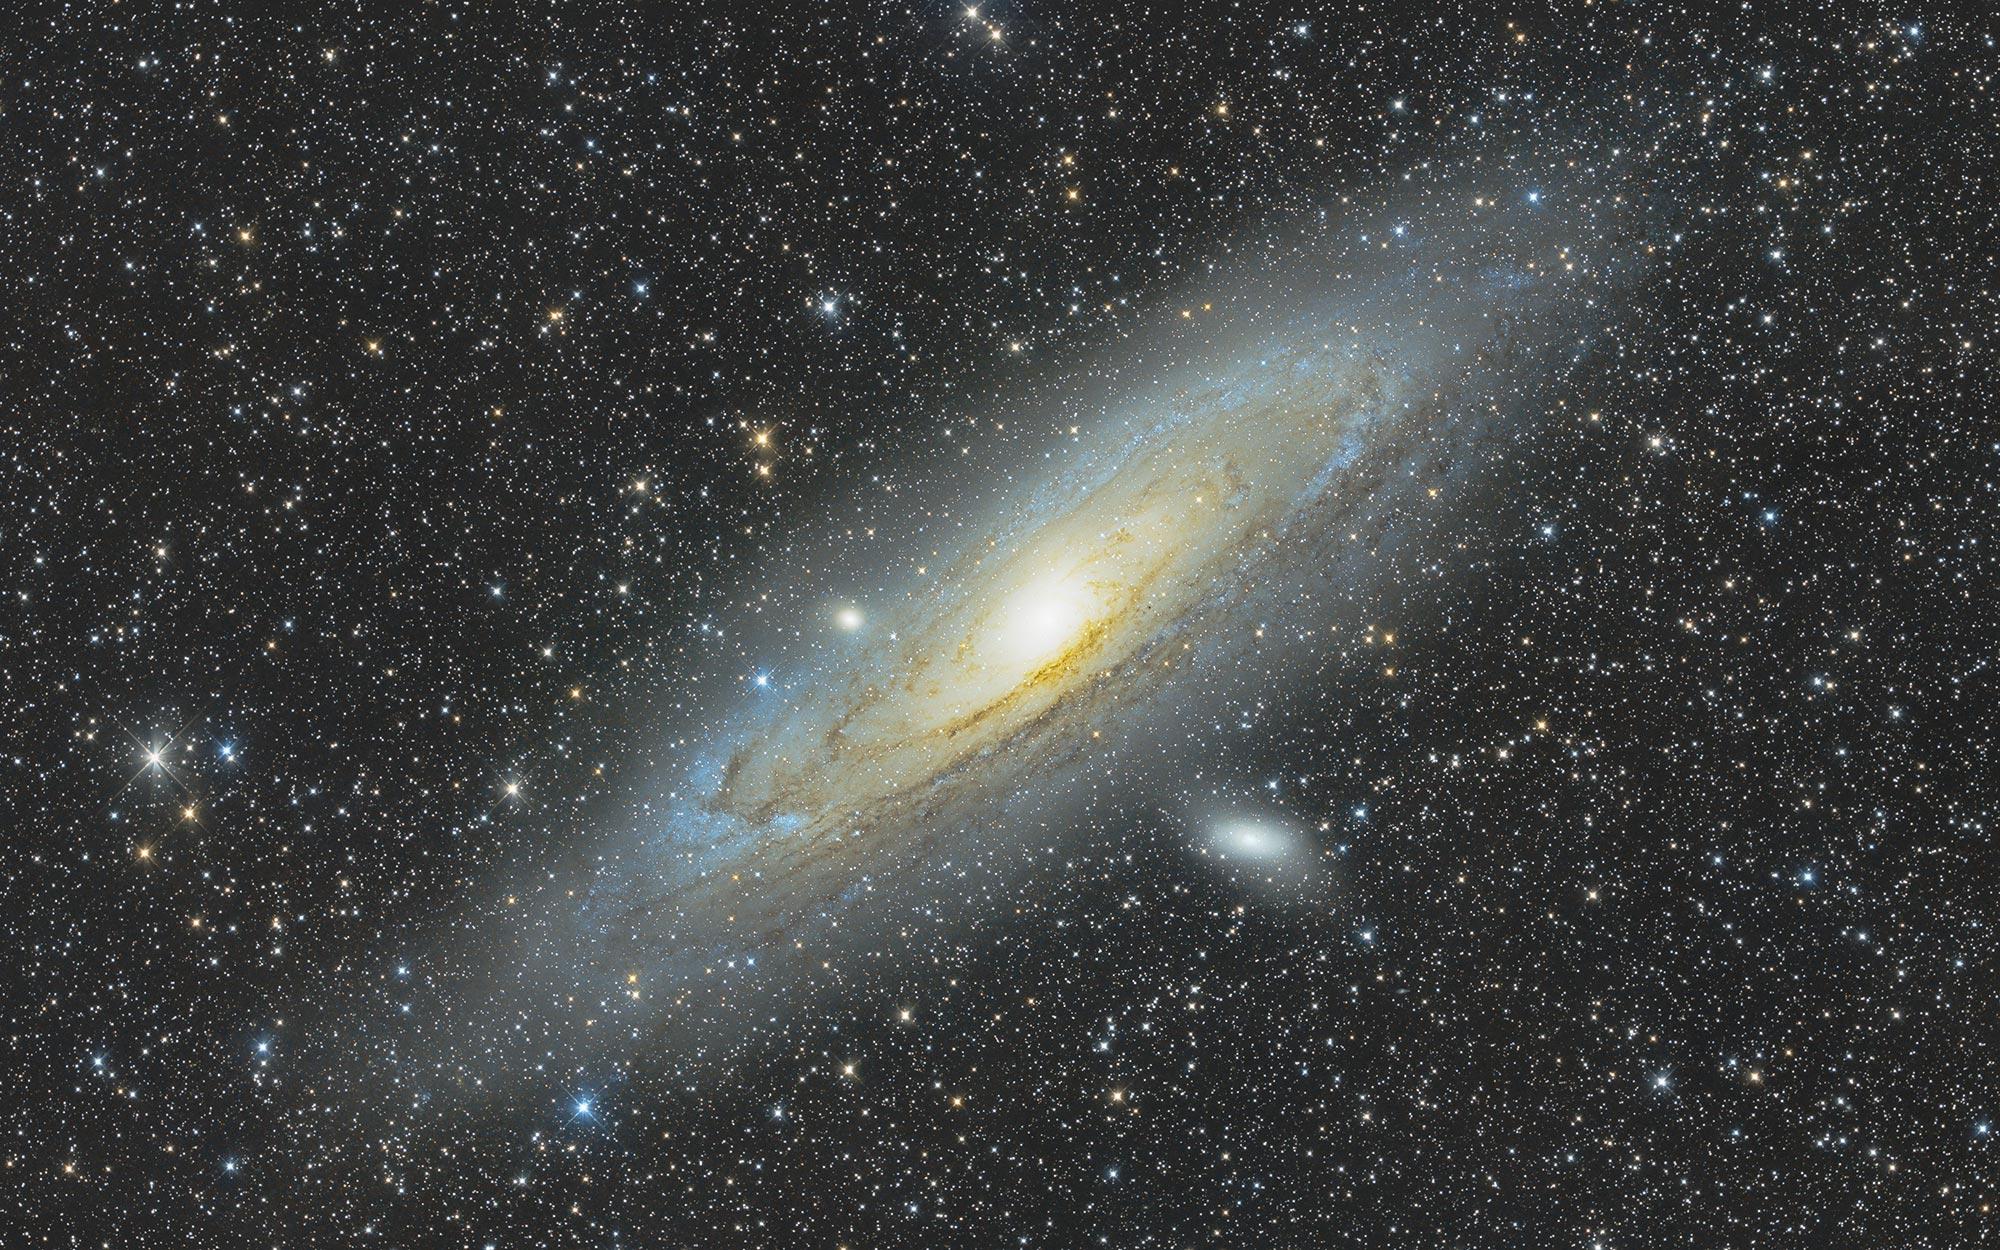 Andromedagalaxie - Messier 31 von Claus Müller